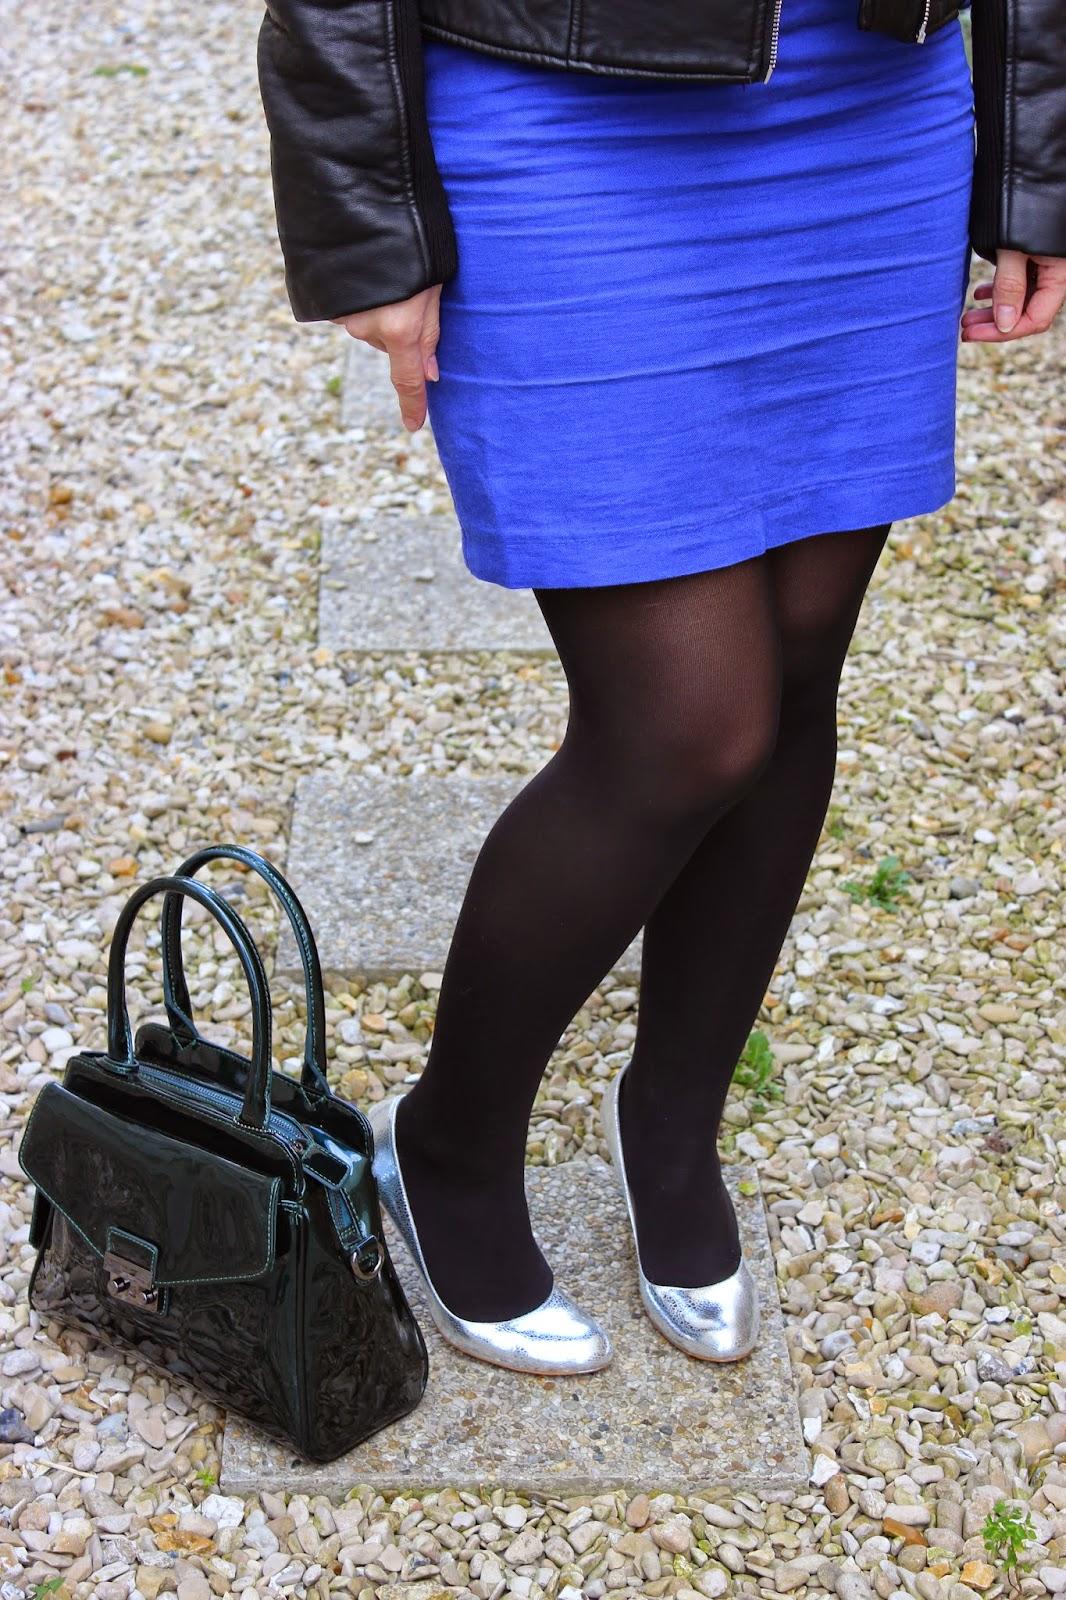 perfecto zara, sac clarks vernis, escarpins argentés minelli, capeline noire